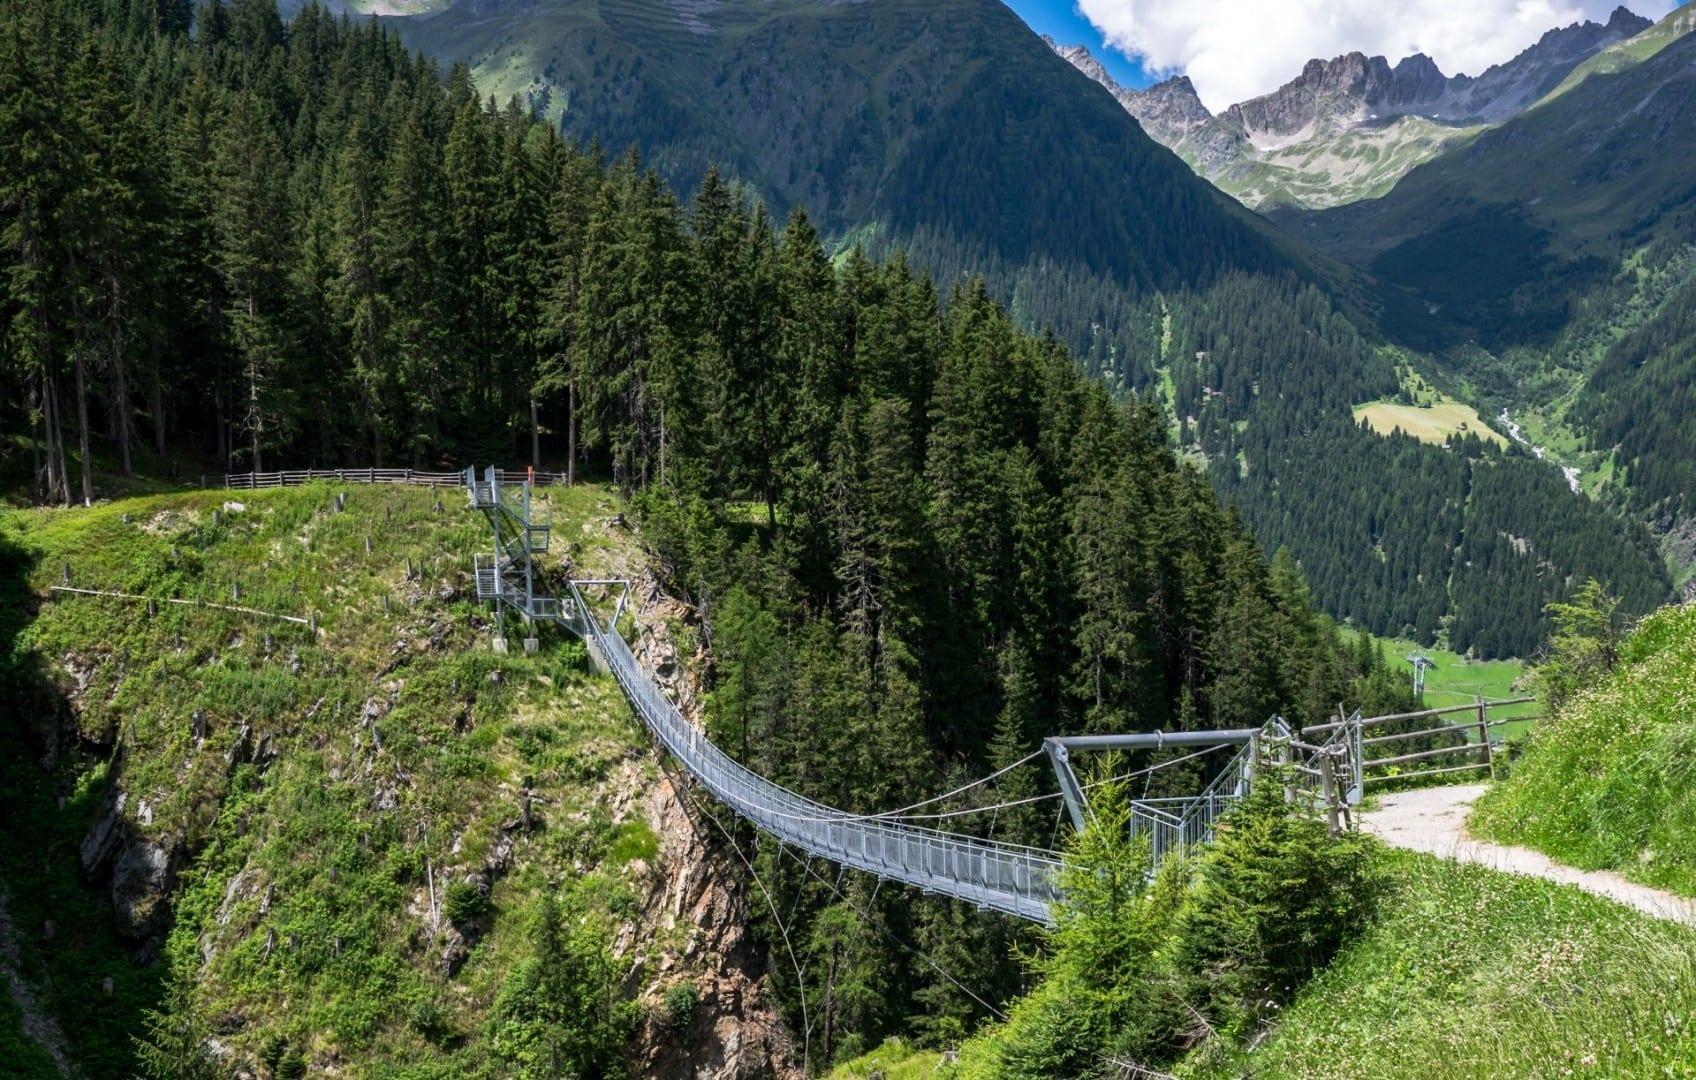 El puente colgante Bear Falls, con SkyFly pasando por debajo Ischgl Austria